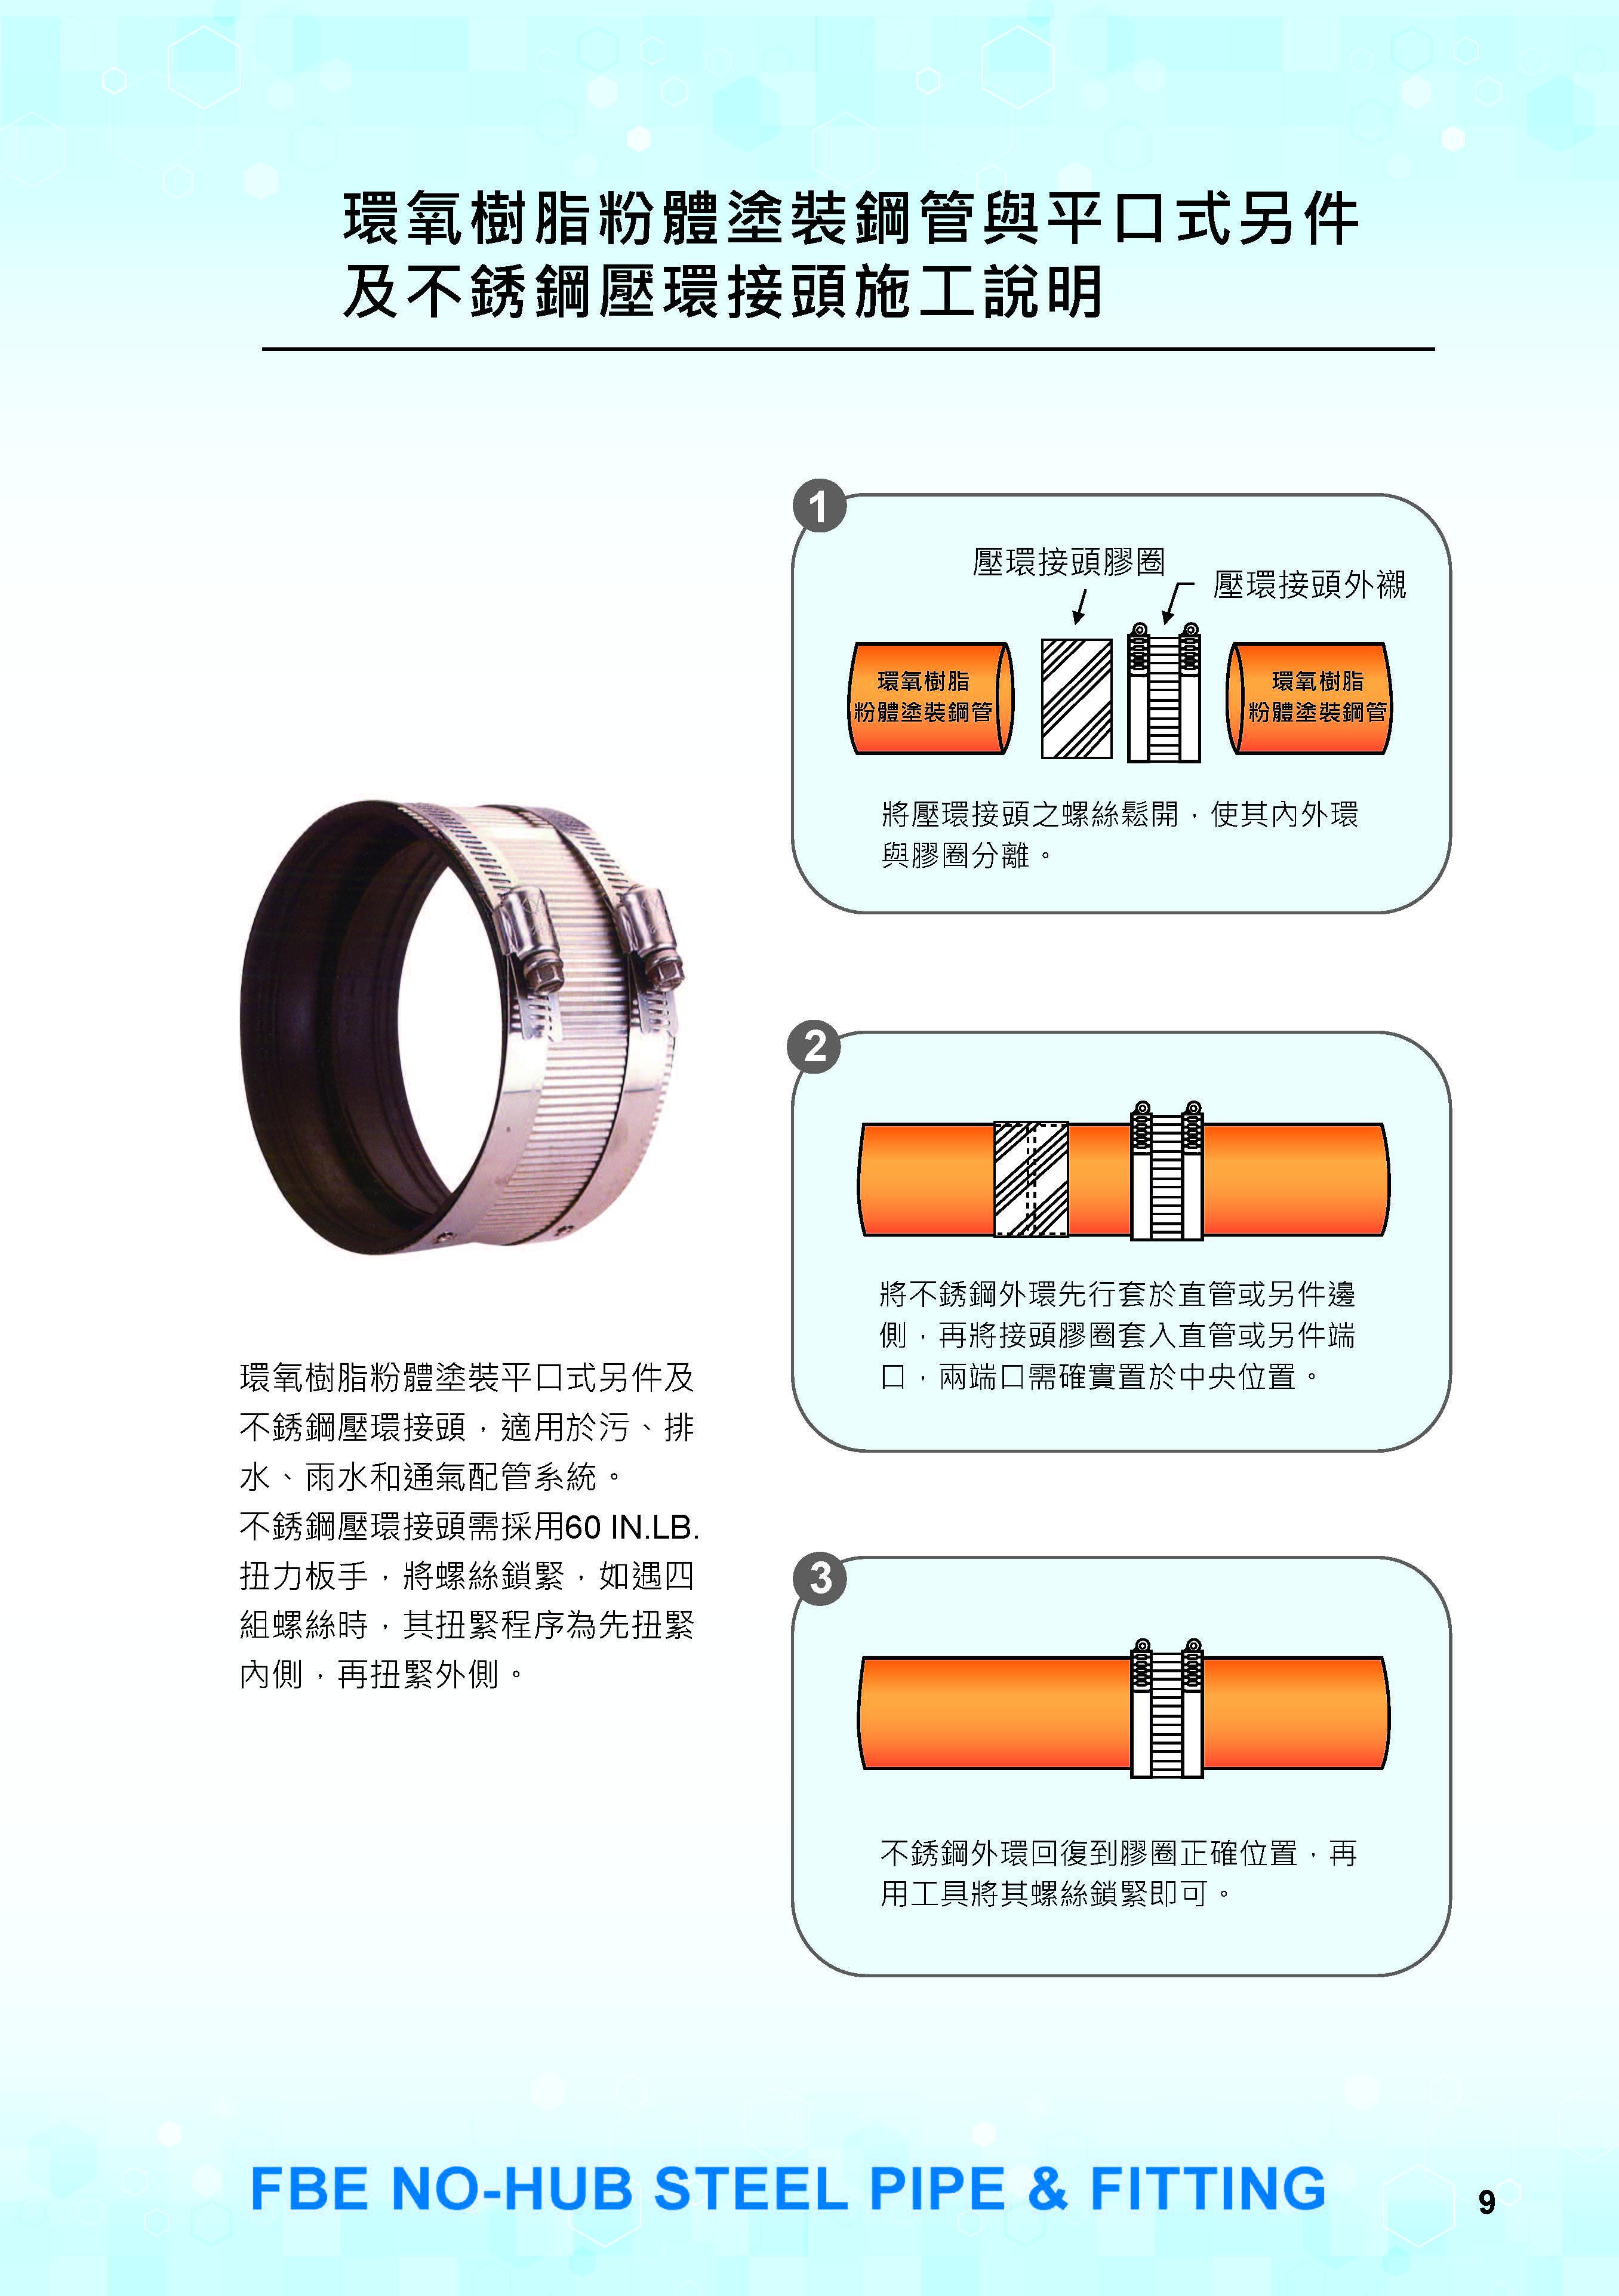 FBE環氧樹脂粉體塗裝鋼管及平口式另件_頁面_11